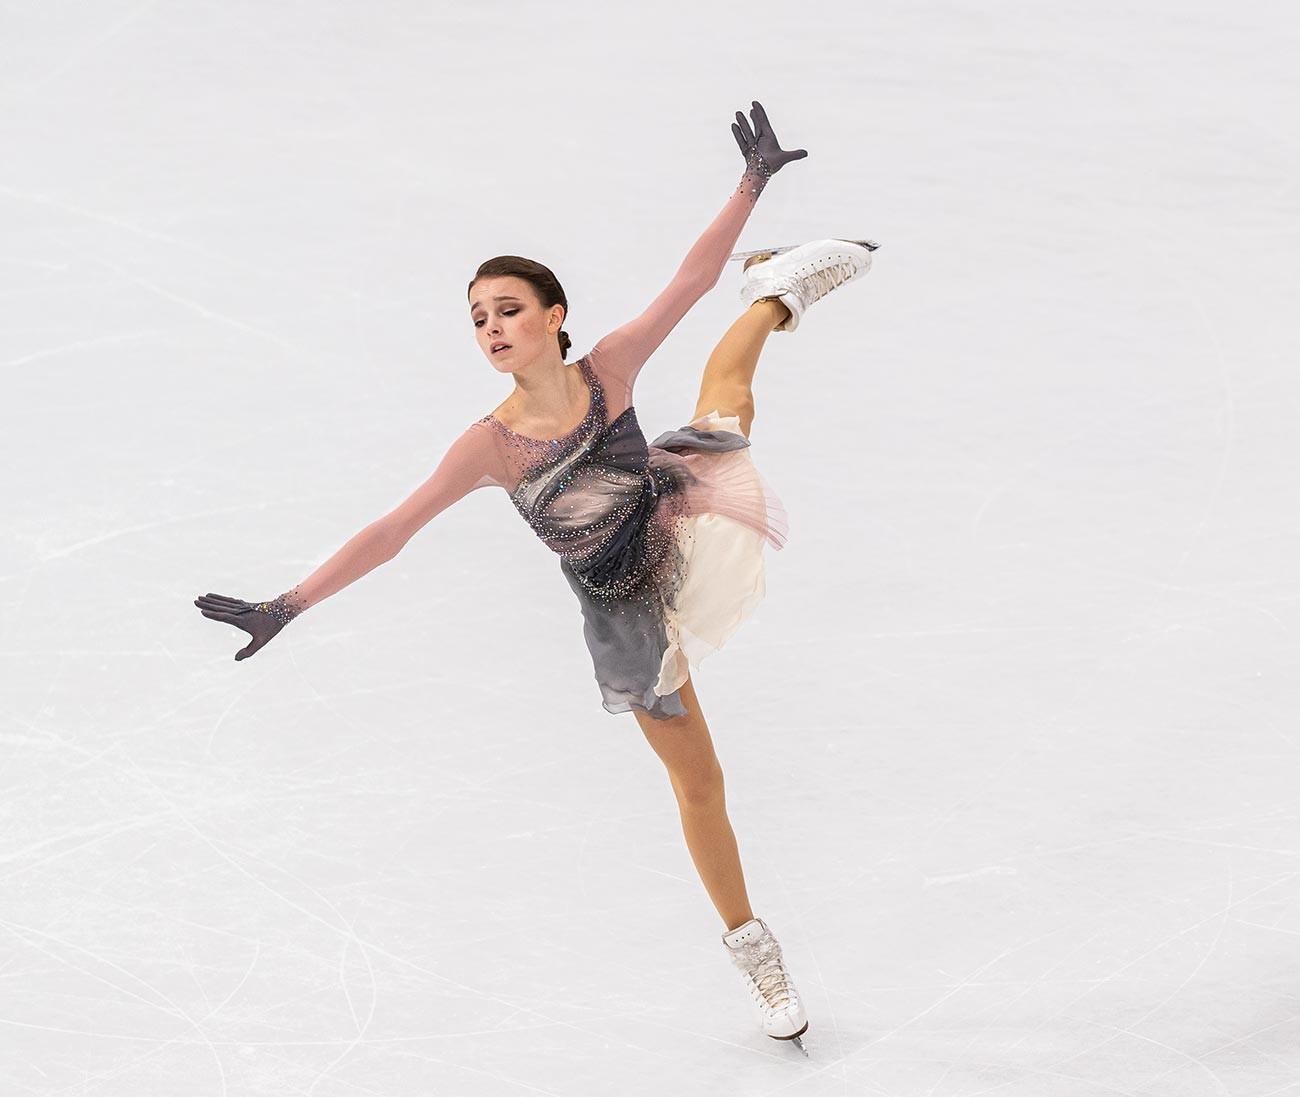 Ана Шчербакова, руска клизачица, наступ у слободном програму у женској конкуренцији на Светском првенству у уметничком клизању Међународног клизачког савеза (ISU), 26. март 2021. Стокхолм.